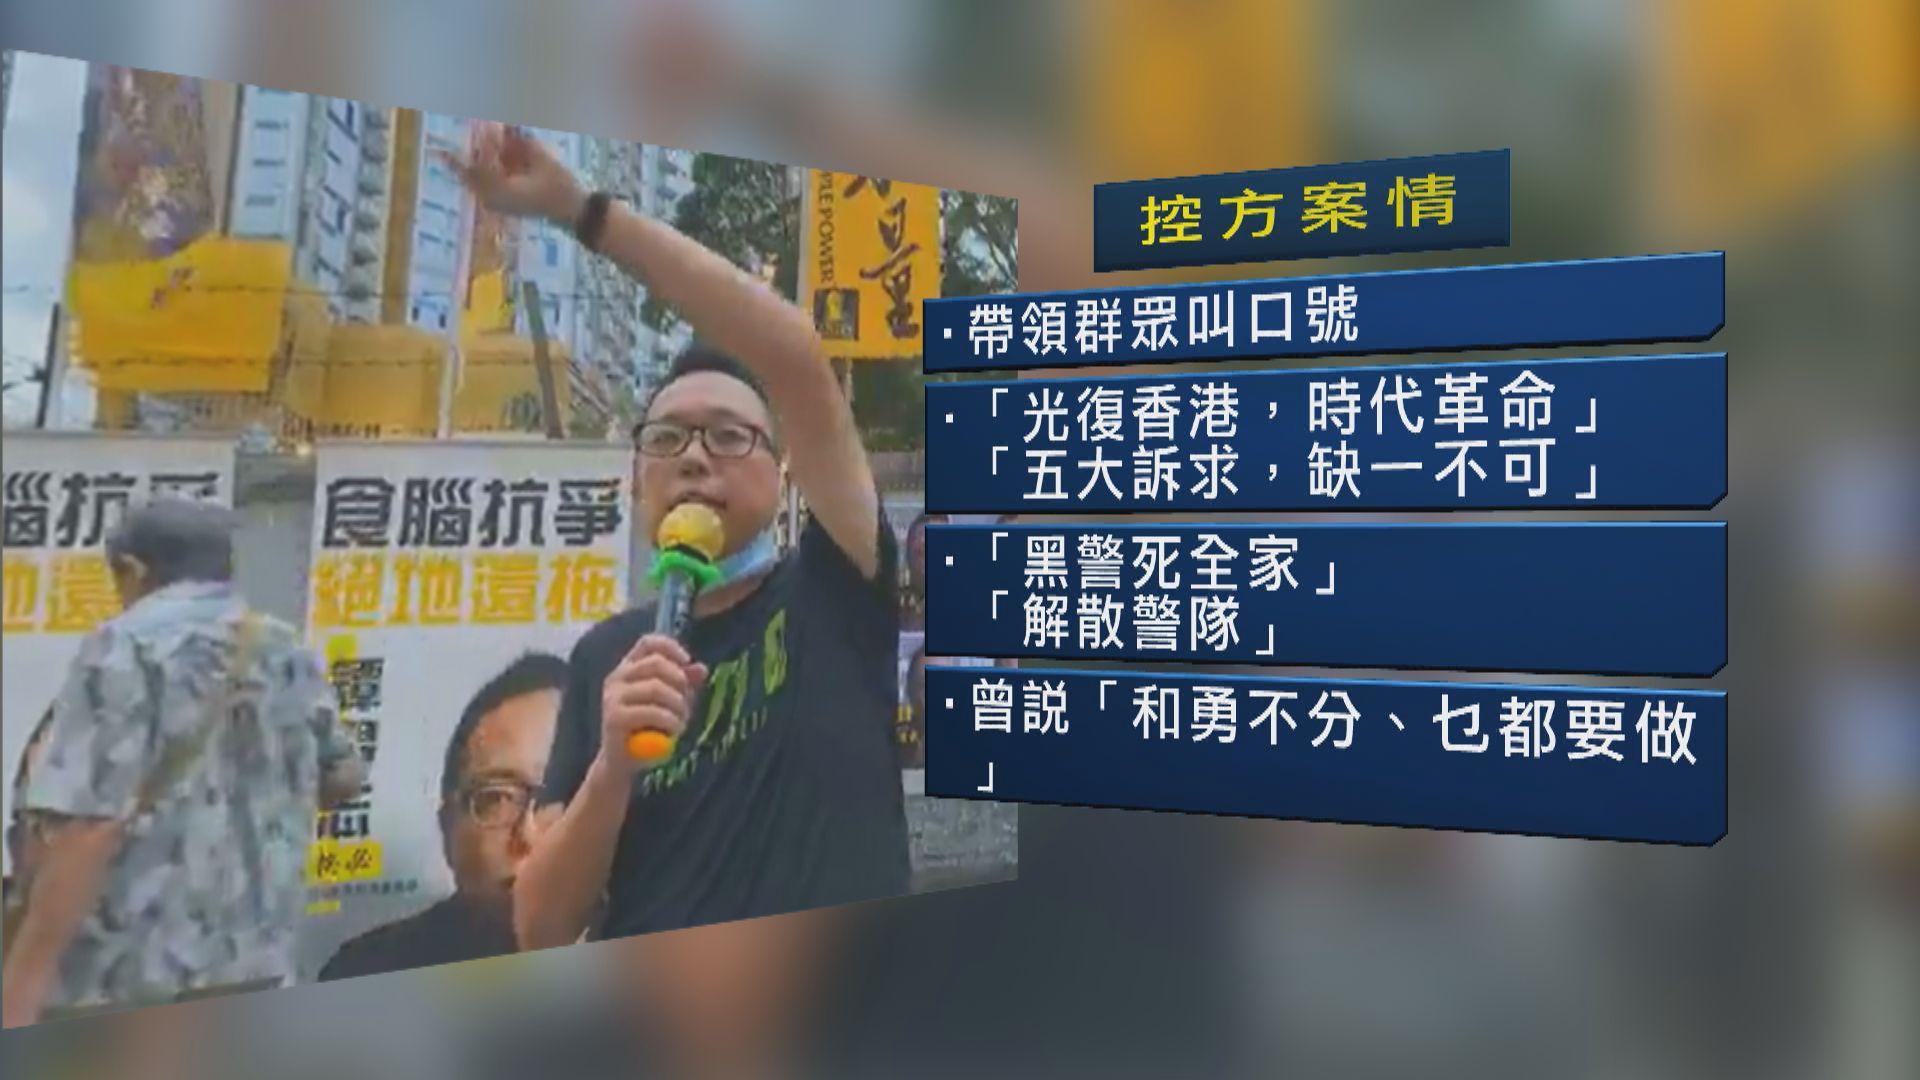 譚得志被控發表煽動文字 控方案情指其叫針對警隊口號